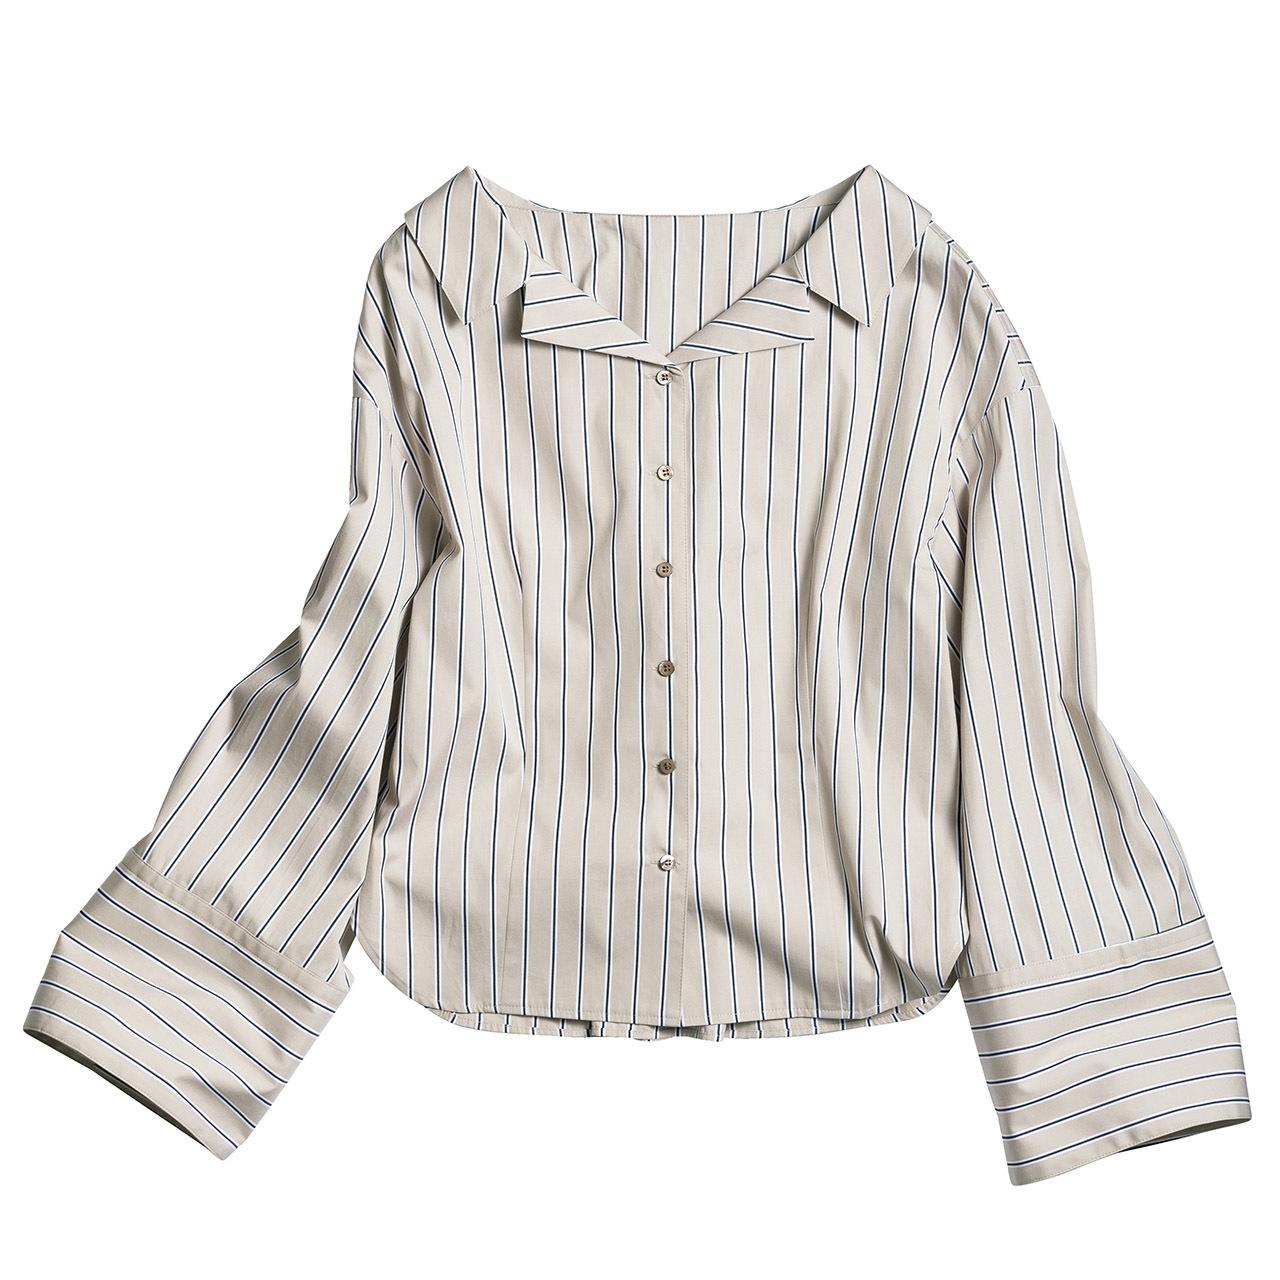 きりっと主張するストライプが、シャツを洗練スタイルに格上げ 五選_1_1-2